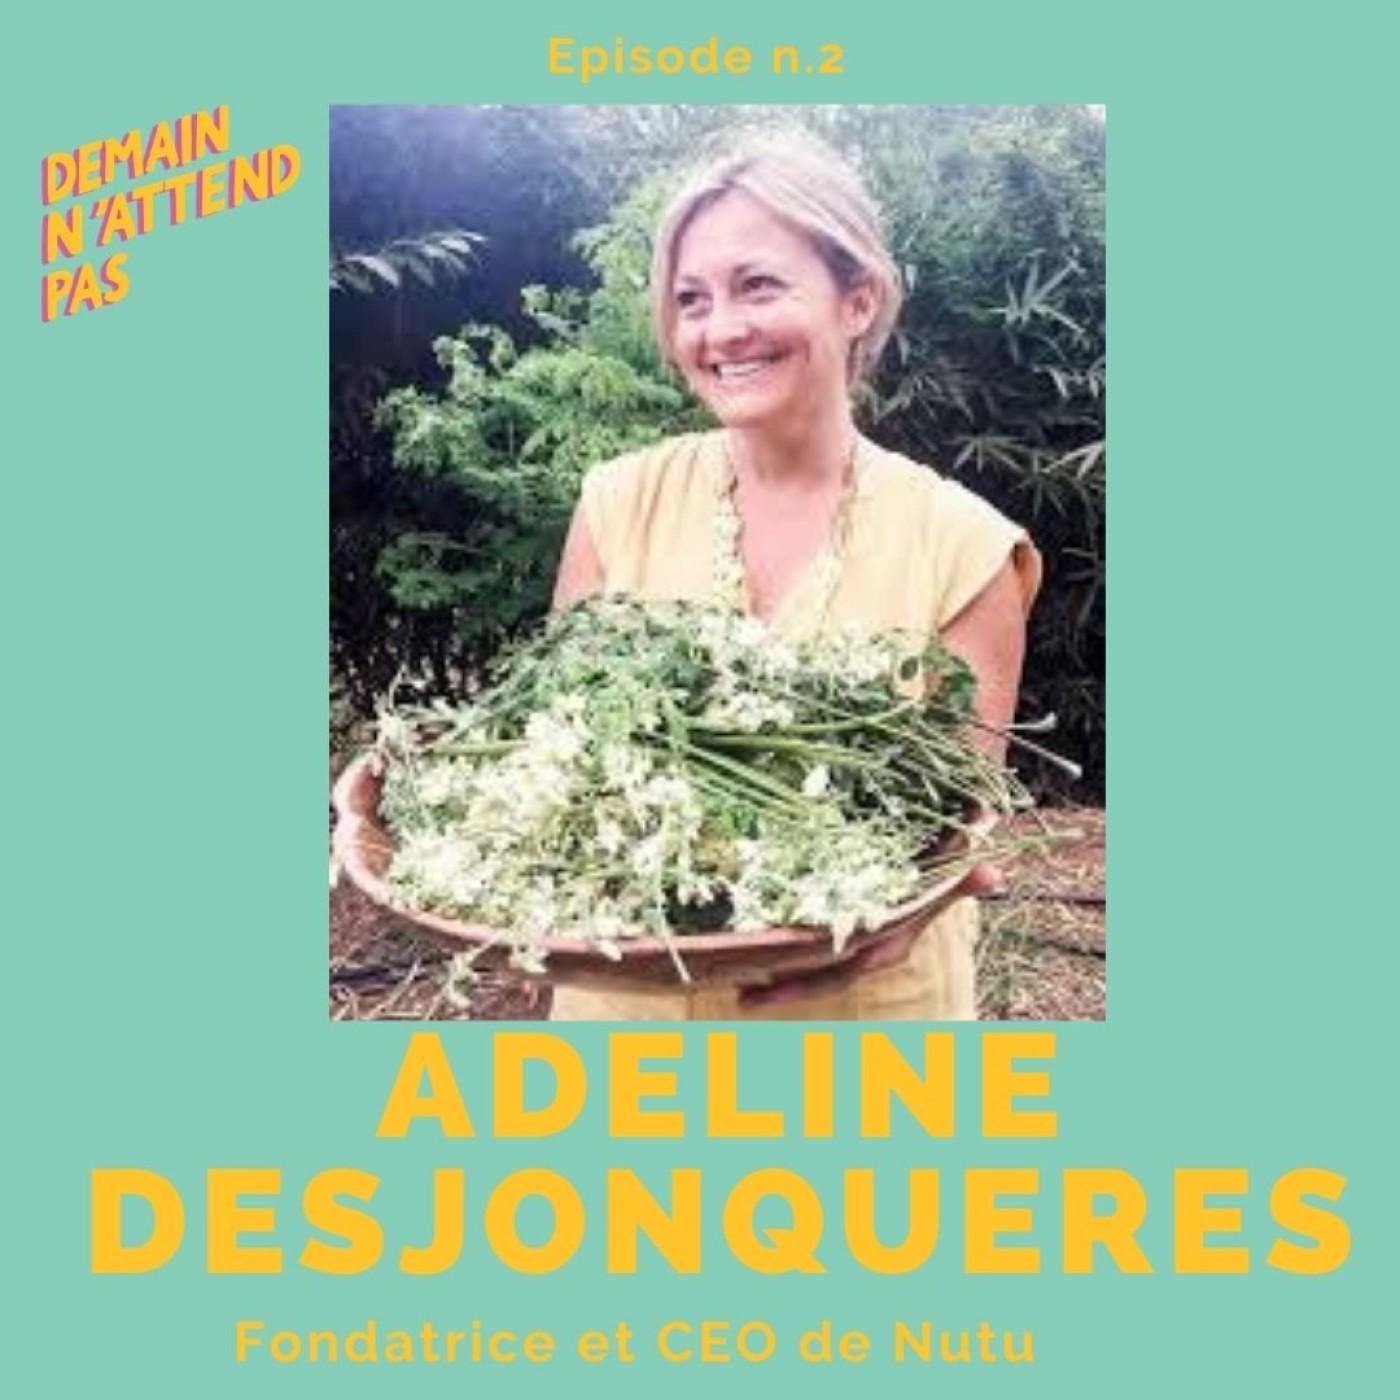 2- Adeline Desjonquères, fondatrice de Nutu, des cosmétiques et compléments alimentaires naturels et éthiques à base de moringa